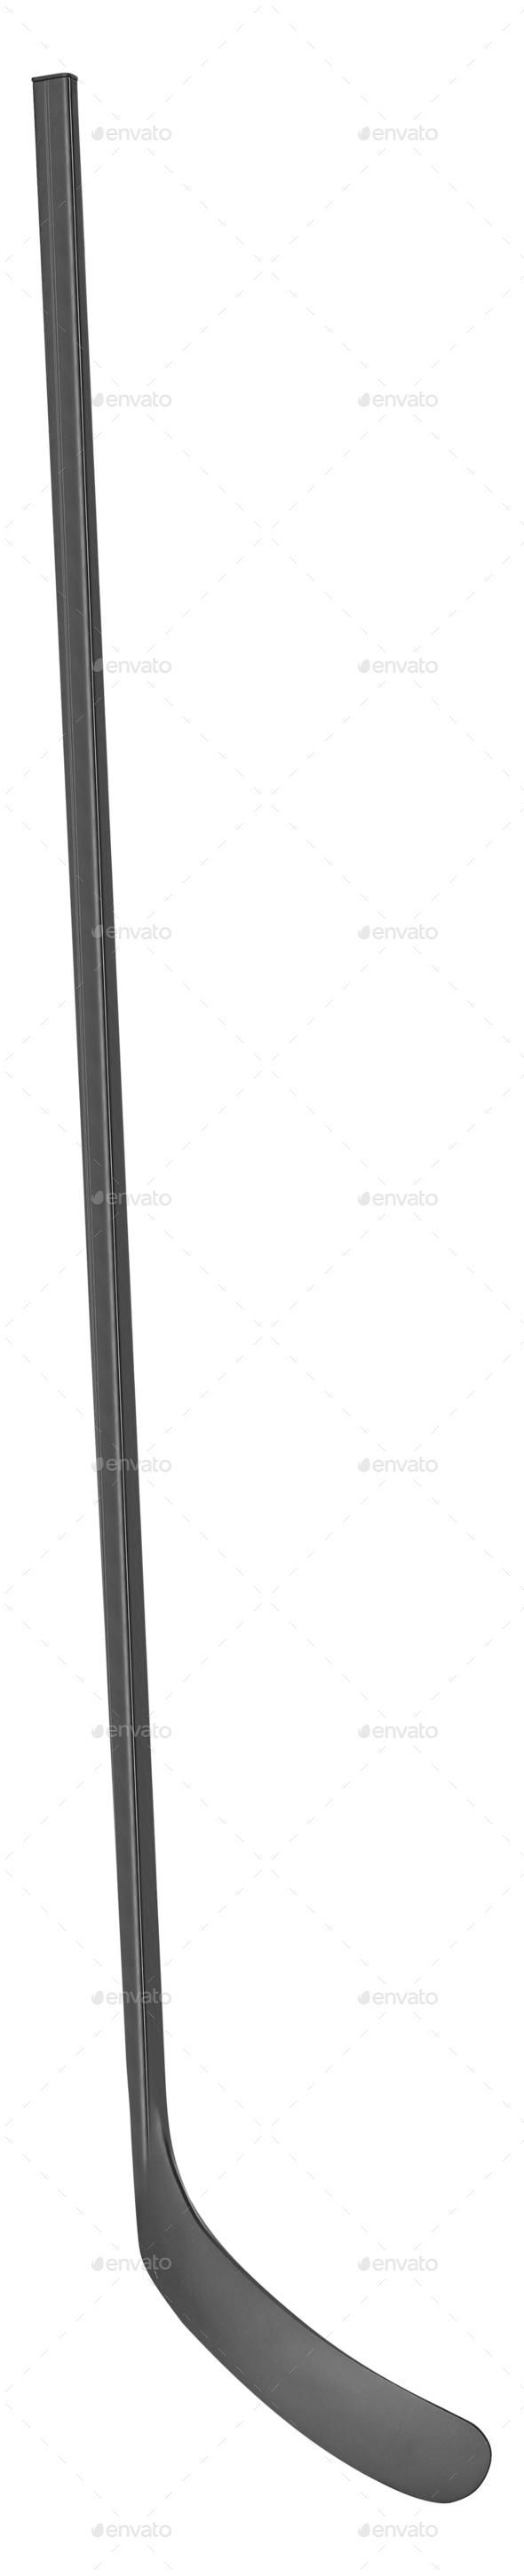 Ice hockey stick isolated on white background - Stock Photo - Images